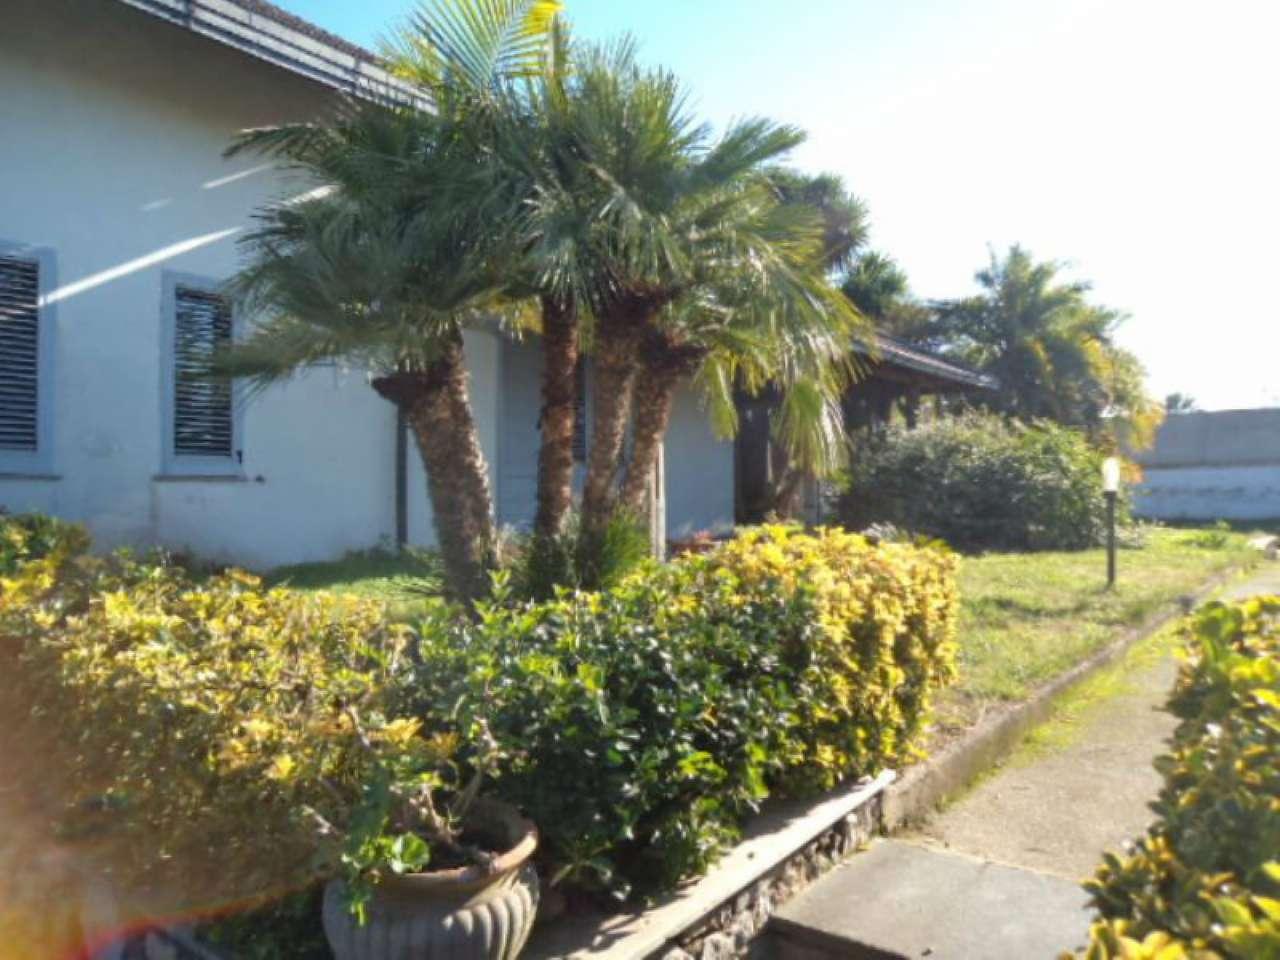 Villa in vendita a Giugliano in Campania, 7 locali, prezzo € 420.000 | CambioCasa.it